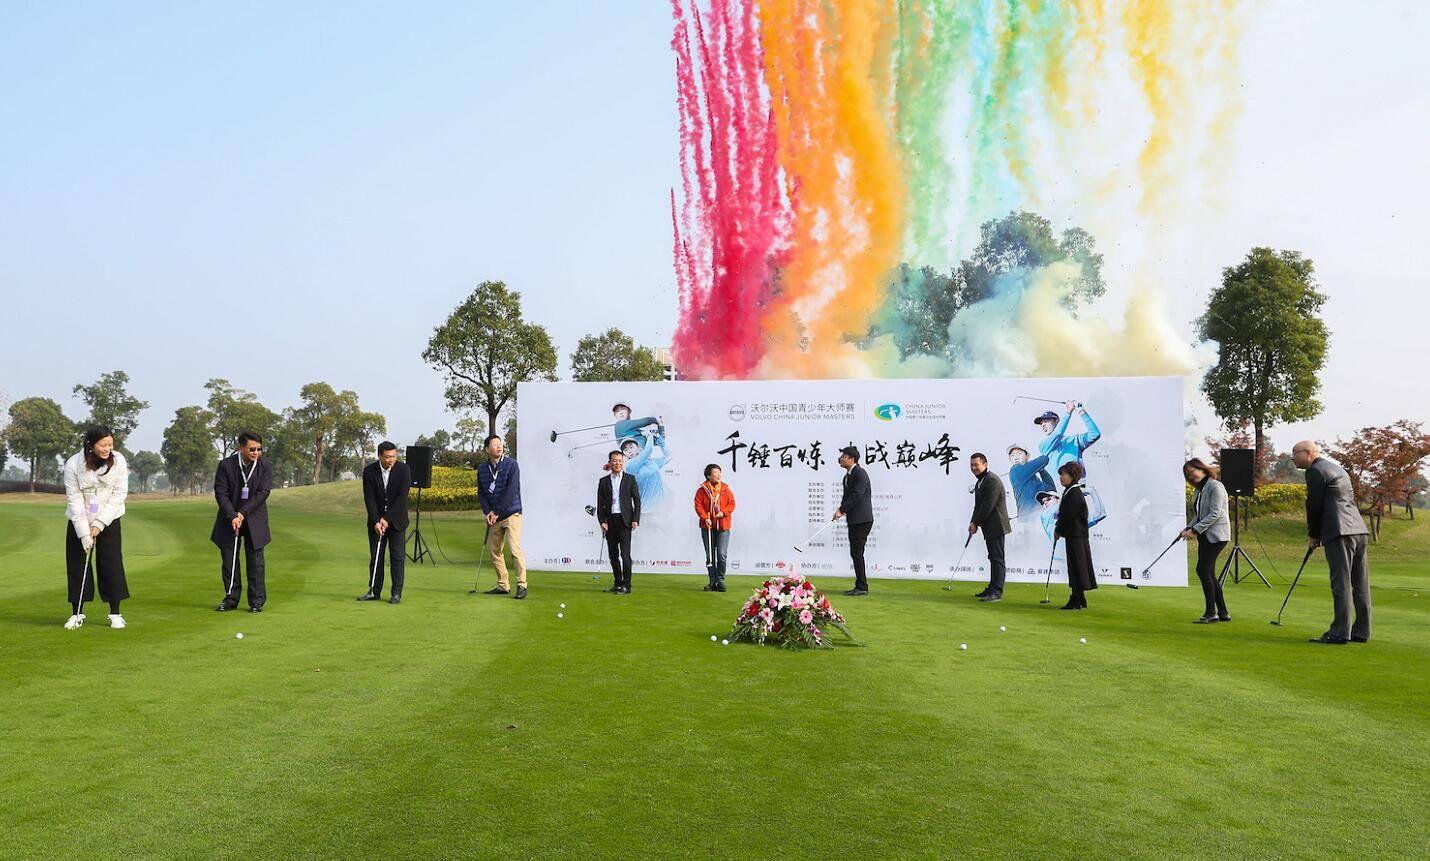 高手云集!沃尔沃中国青少年高尔夫球大师赛一触即发